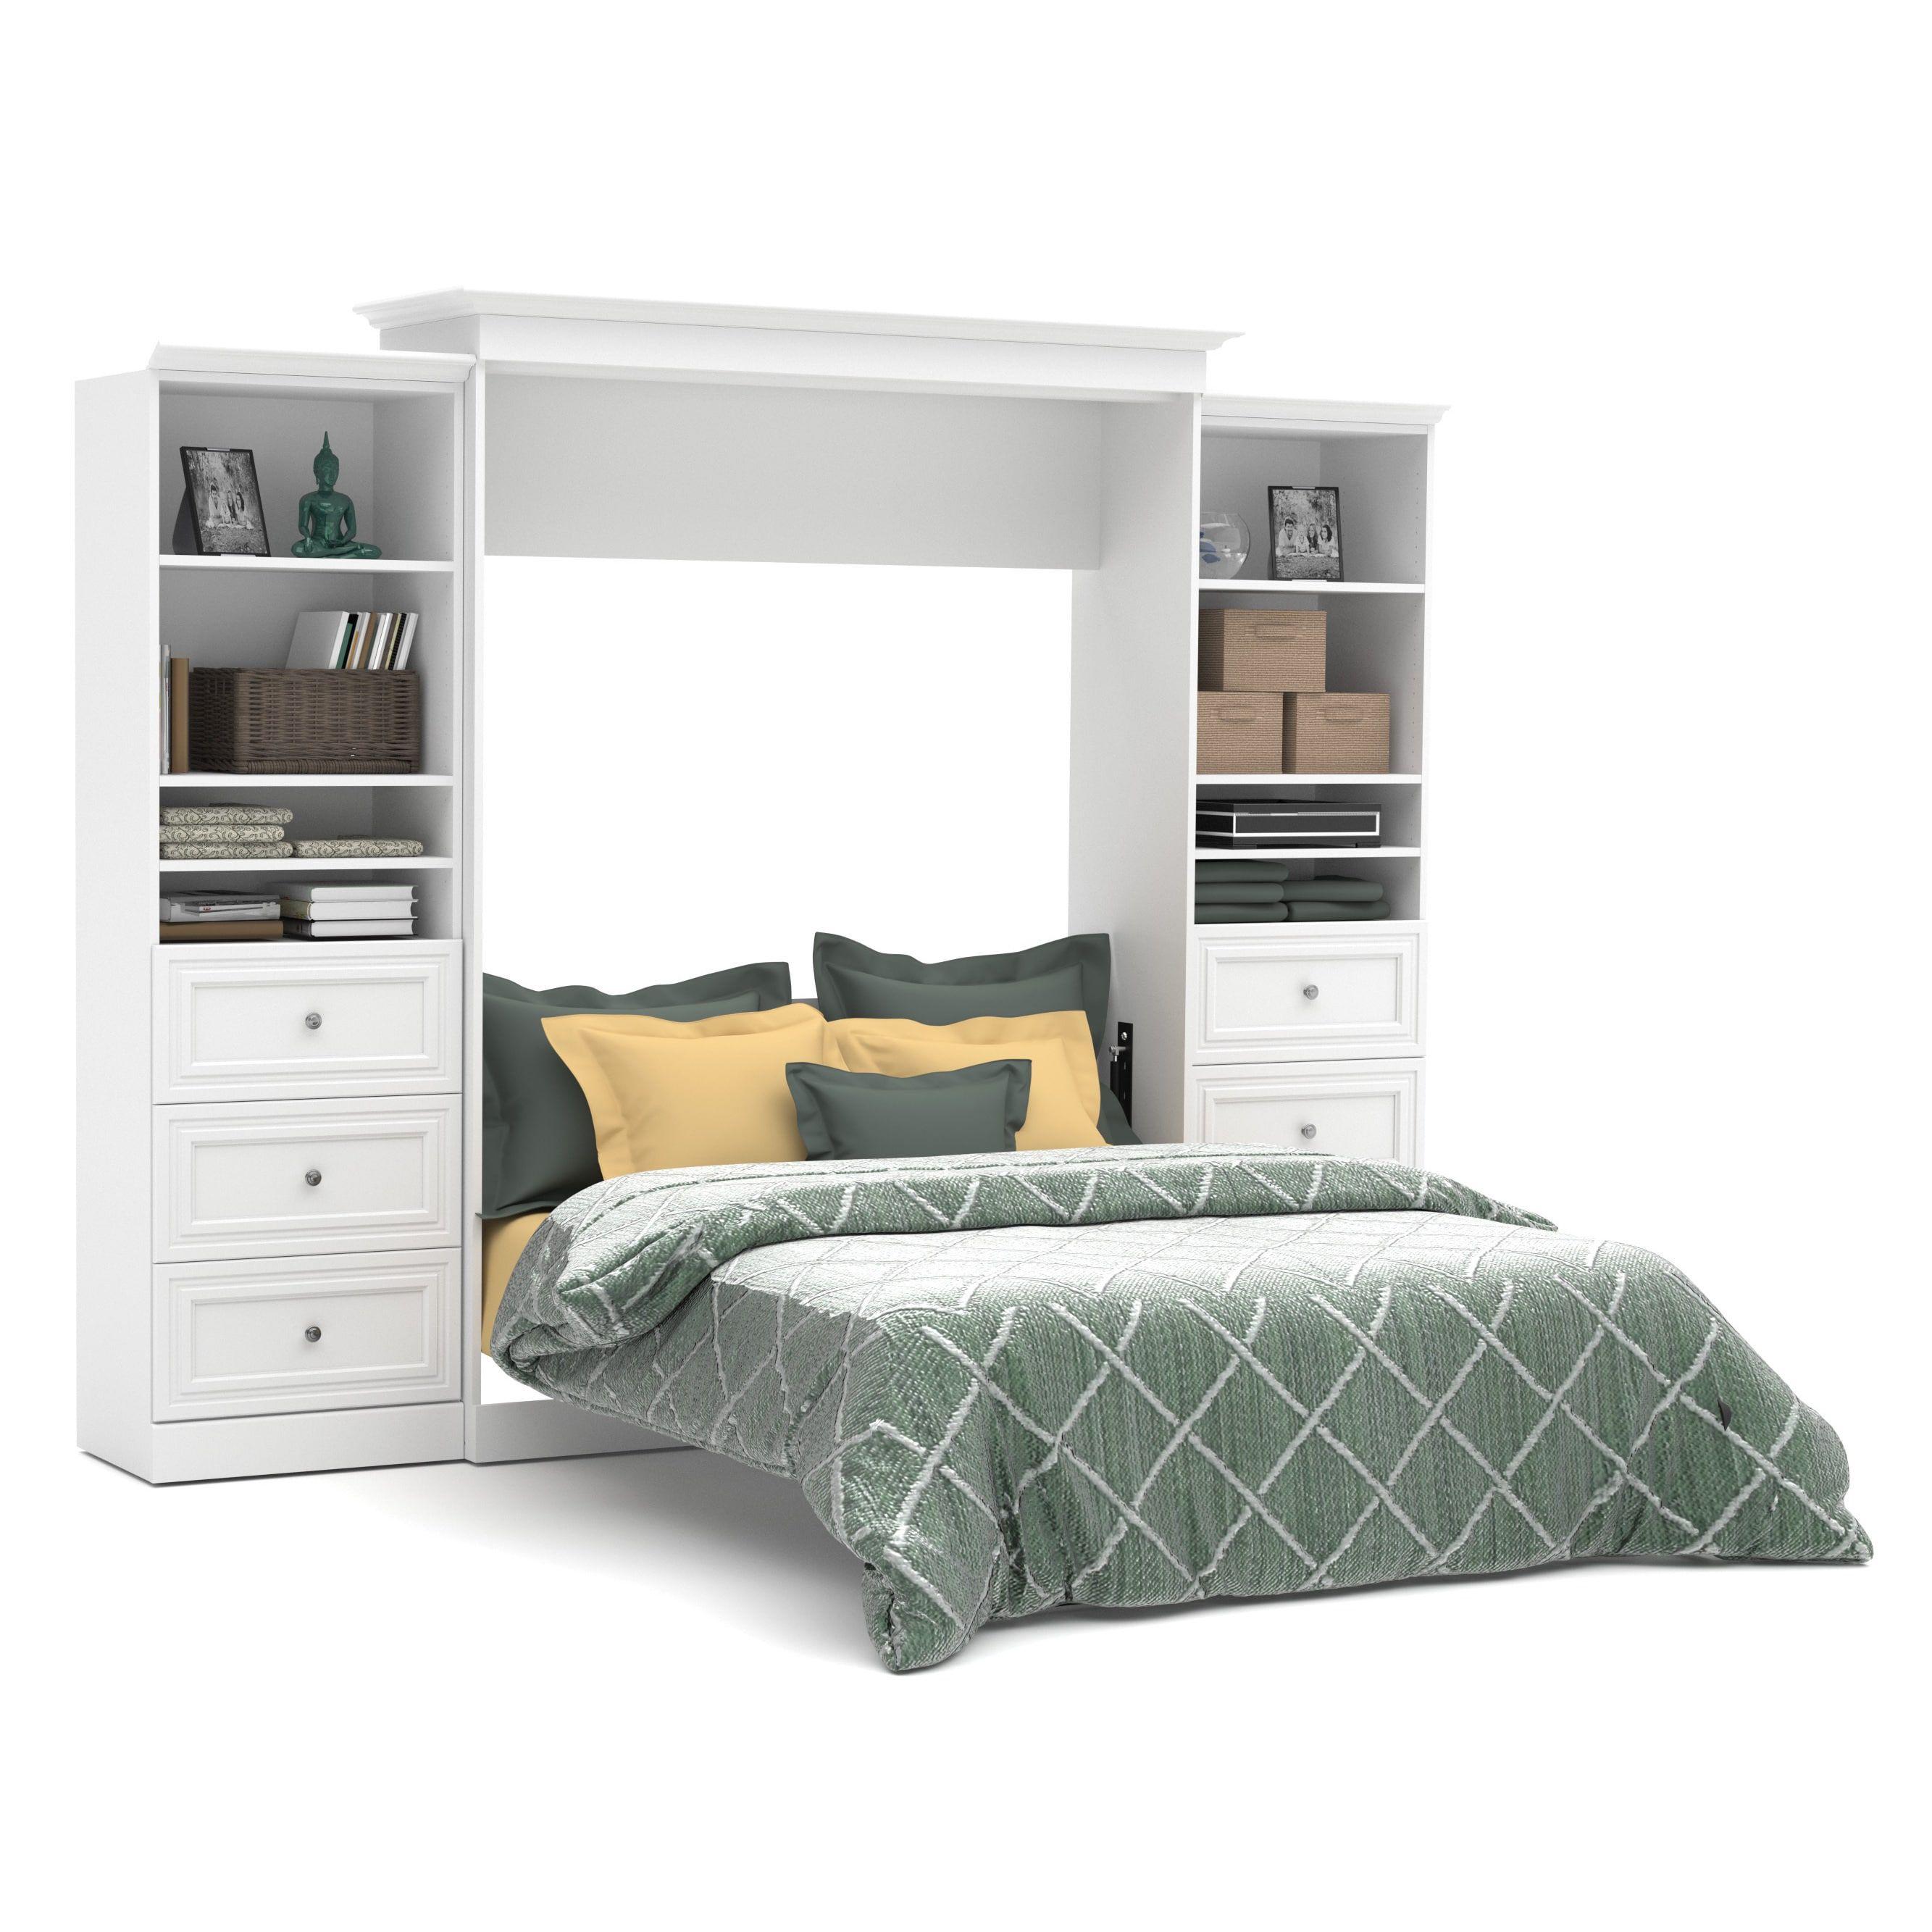 versatile by bestar 115 inch queen size wall bed set overstock com